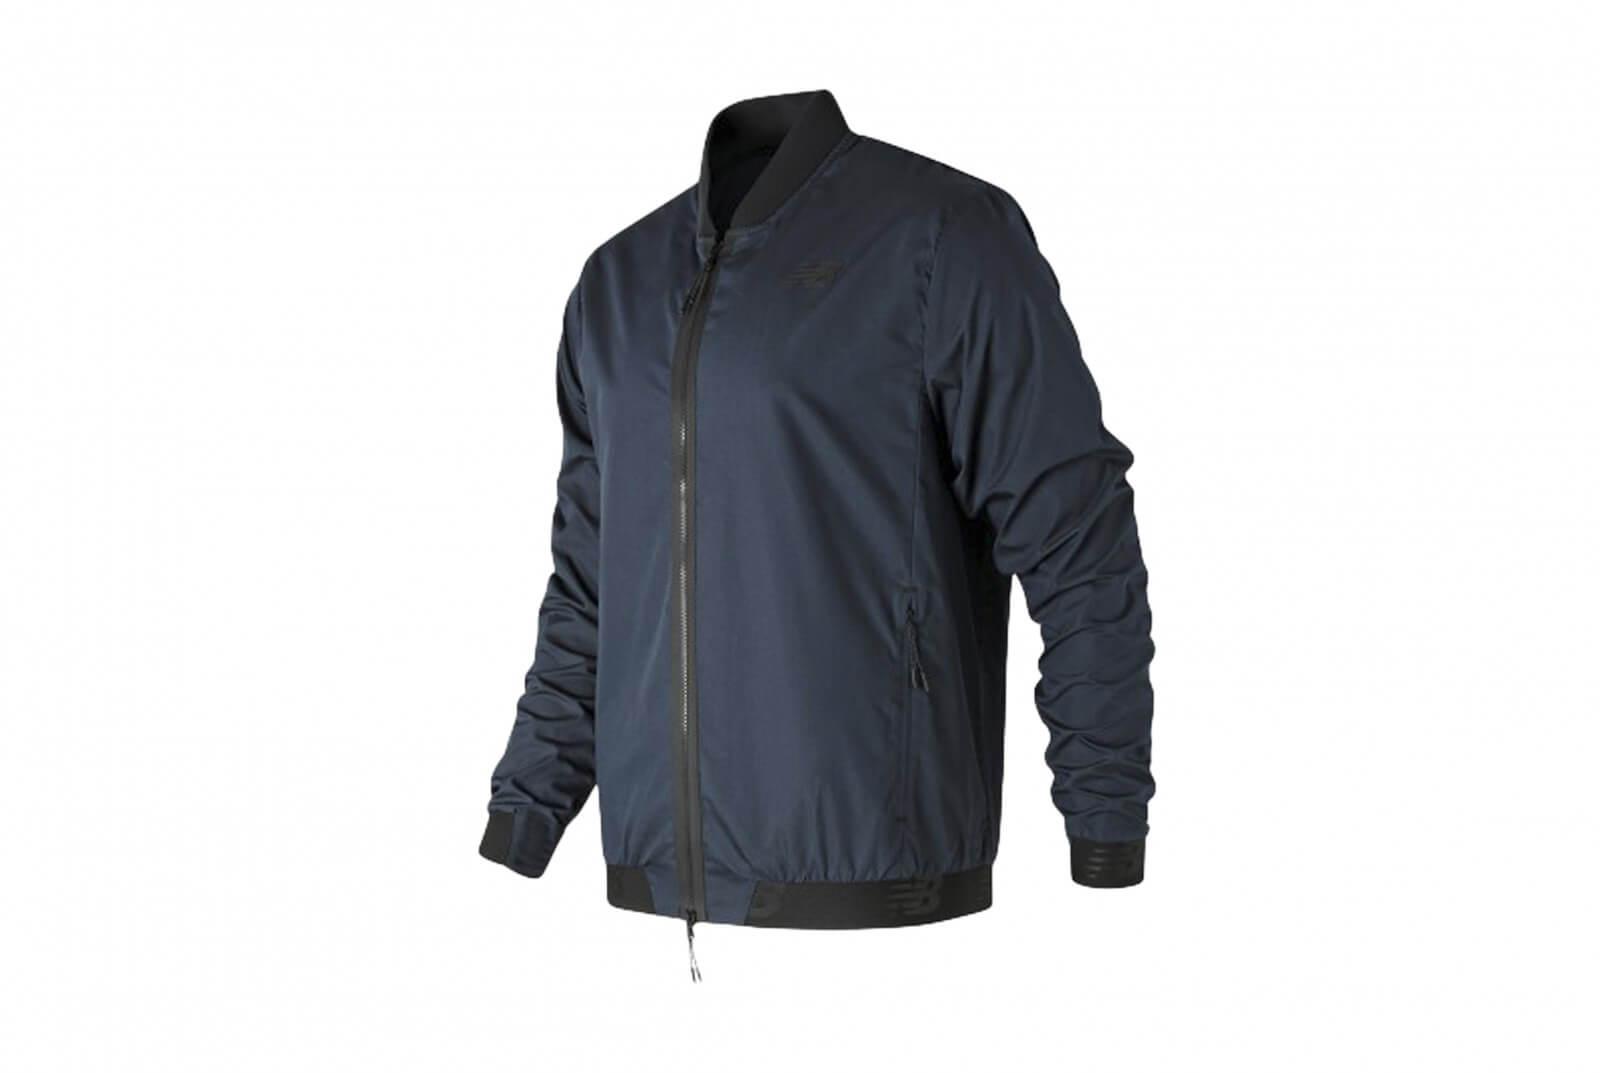 new balance 247 bomber jacket marine 541560 60 10. Black Bedroom Furniture Sets. Home Design Ideas